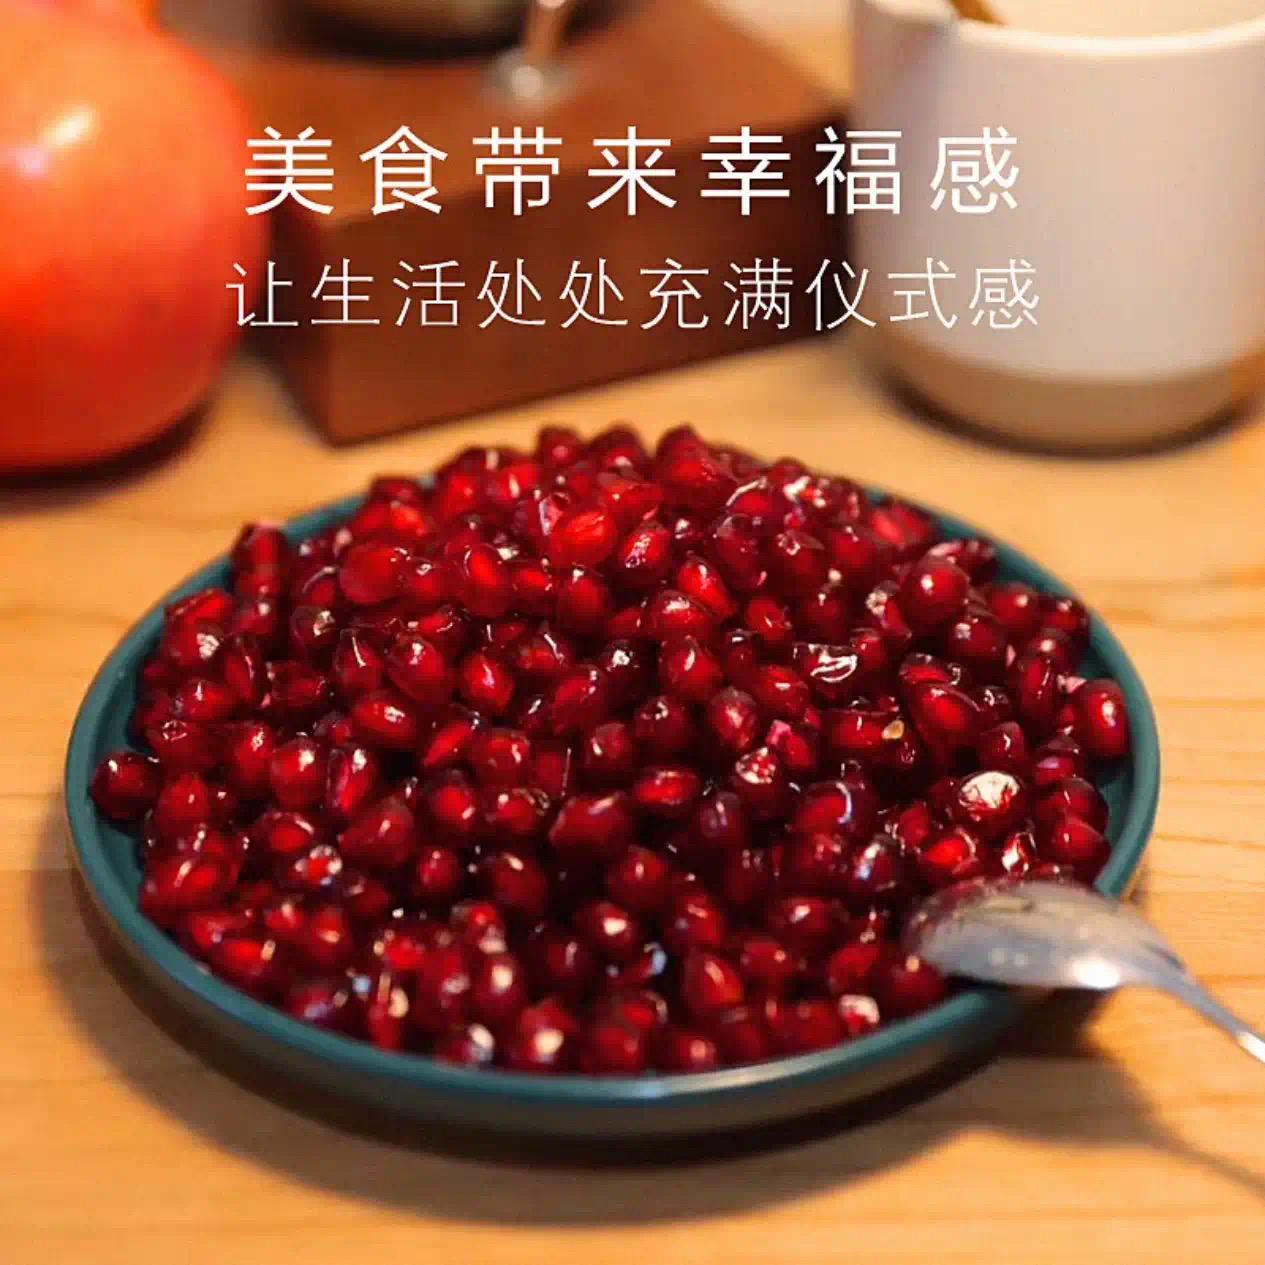 突尼斯软籽红石榴5斤